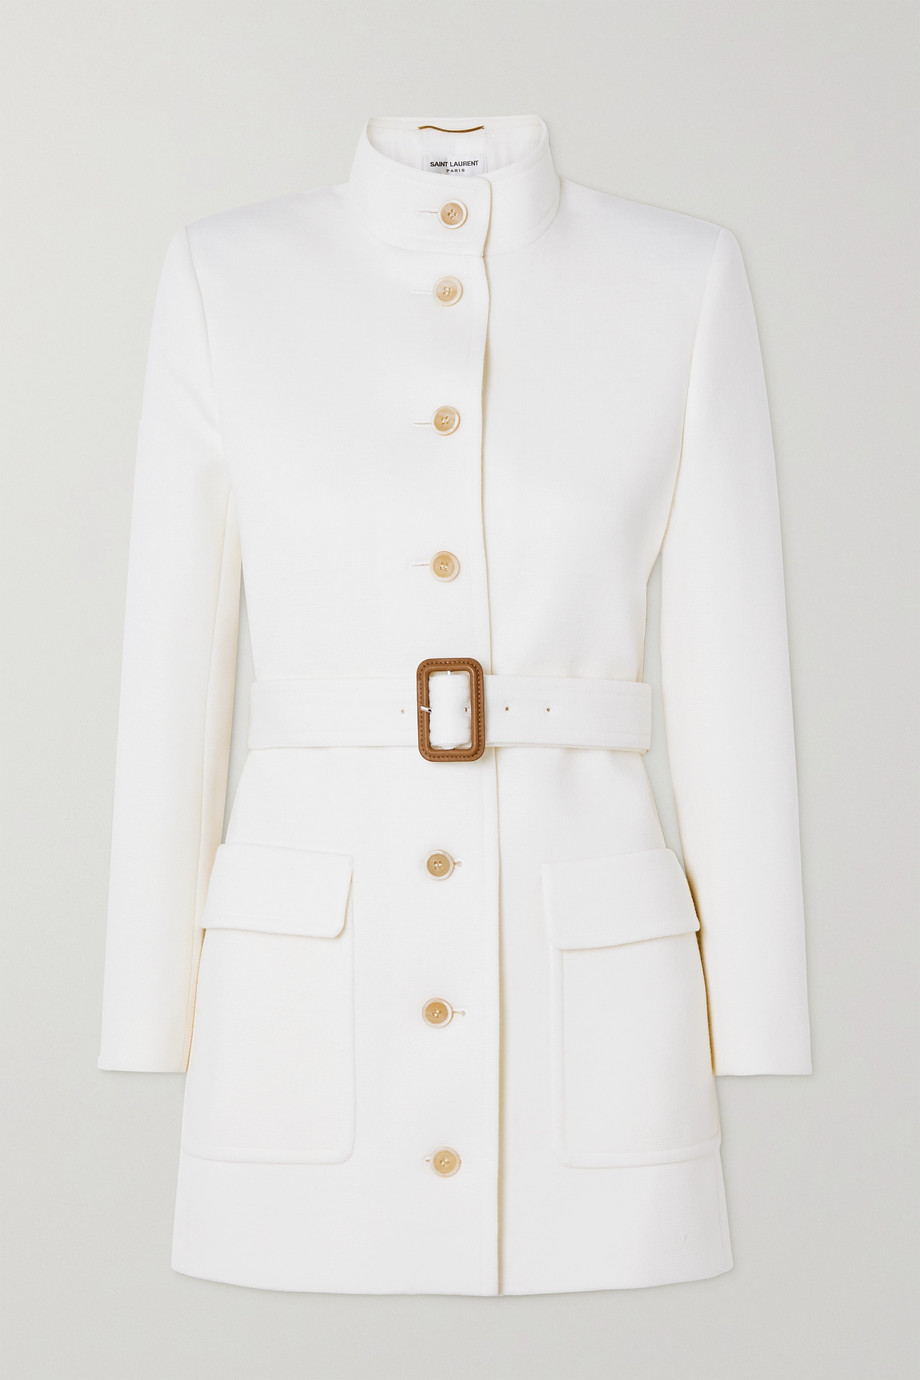 SAINT LAURENT Veste en jersey de laine mélangée à ceinture